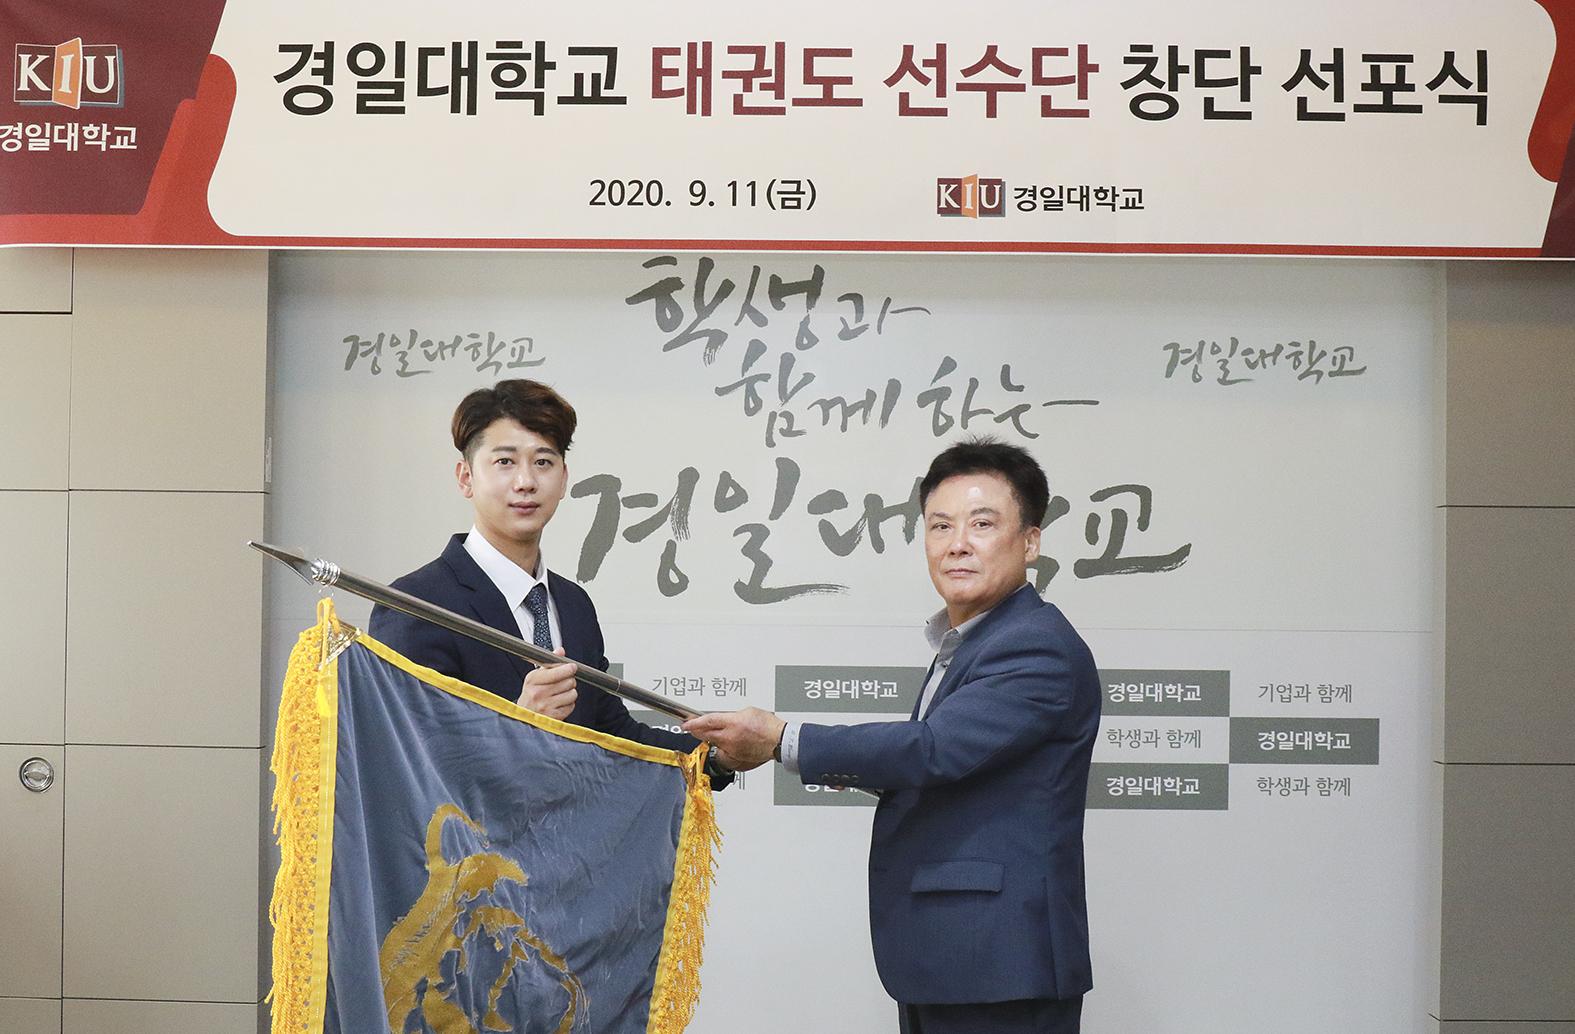 베이징 올림픽 금메달 손태진 초대 감독 선임